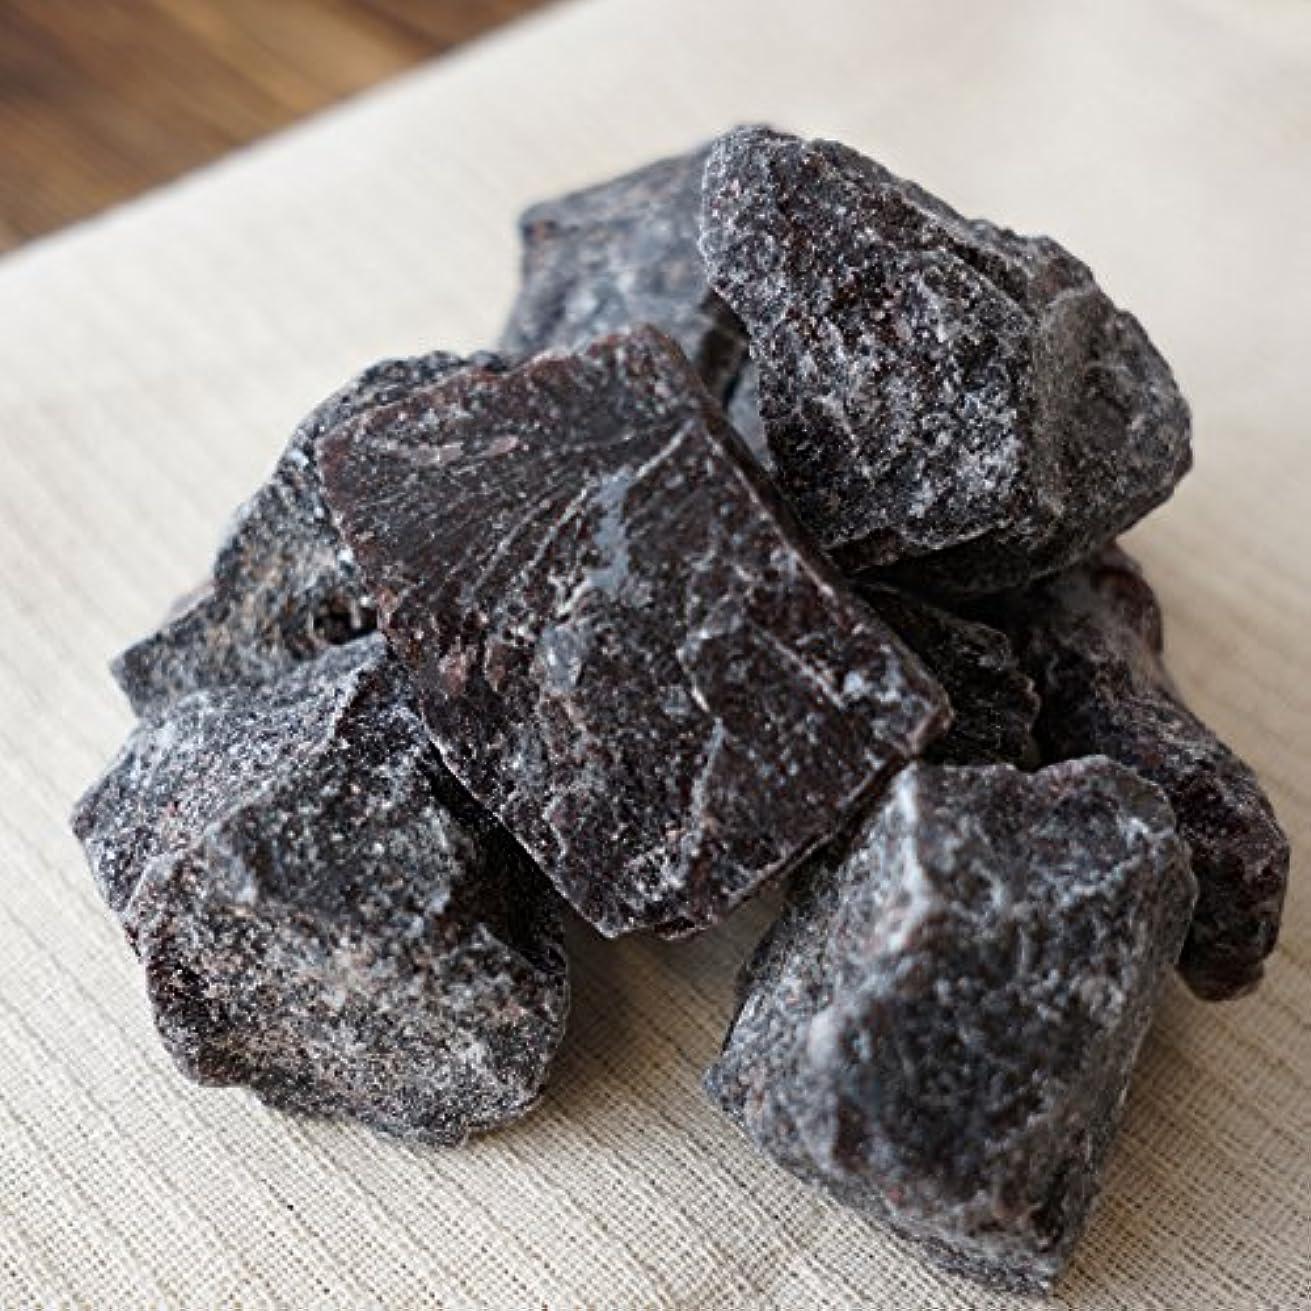 キリスト脚恐ろしい希少 インド岩塩 ルビー ブロック 約2-5cm 20kg 20,000g 原料